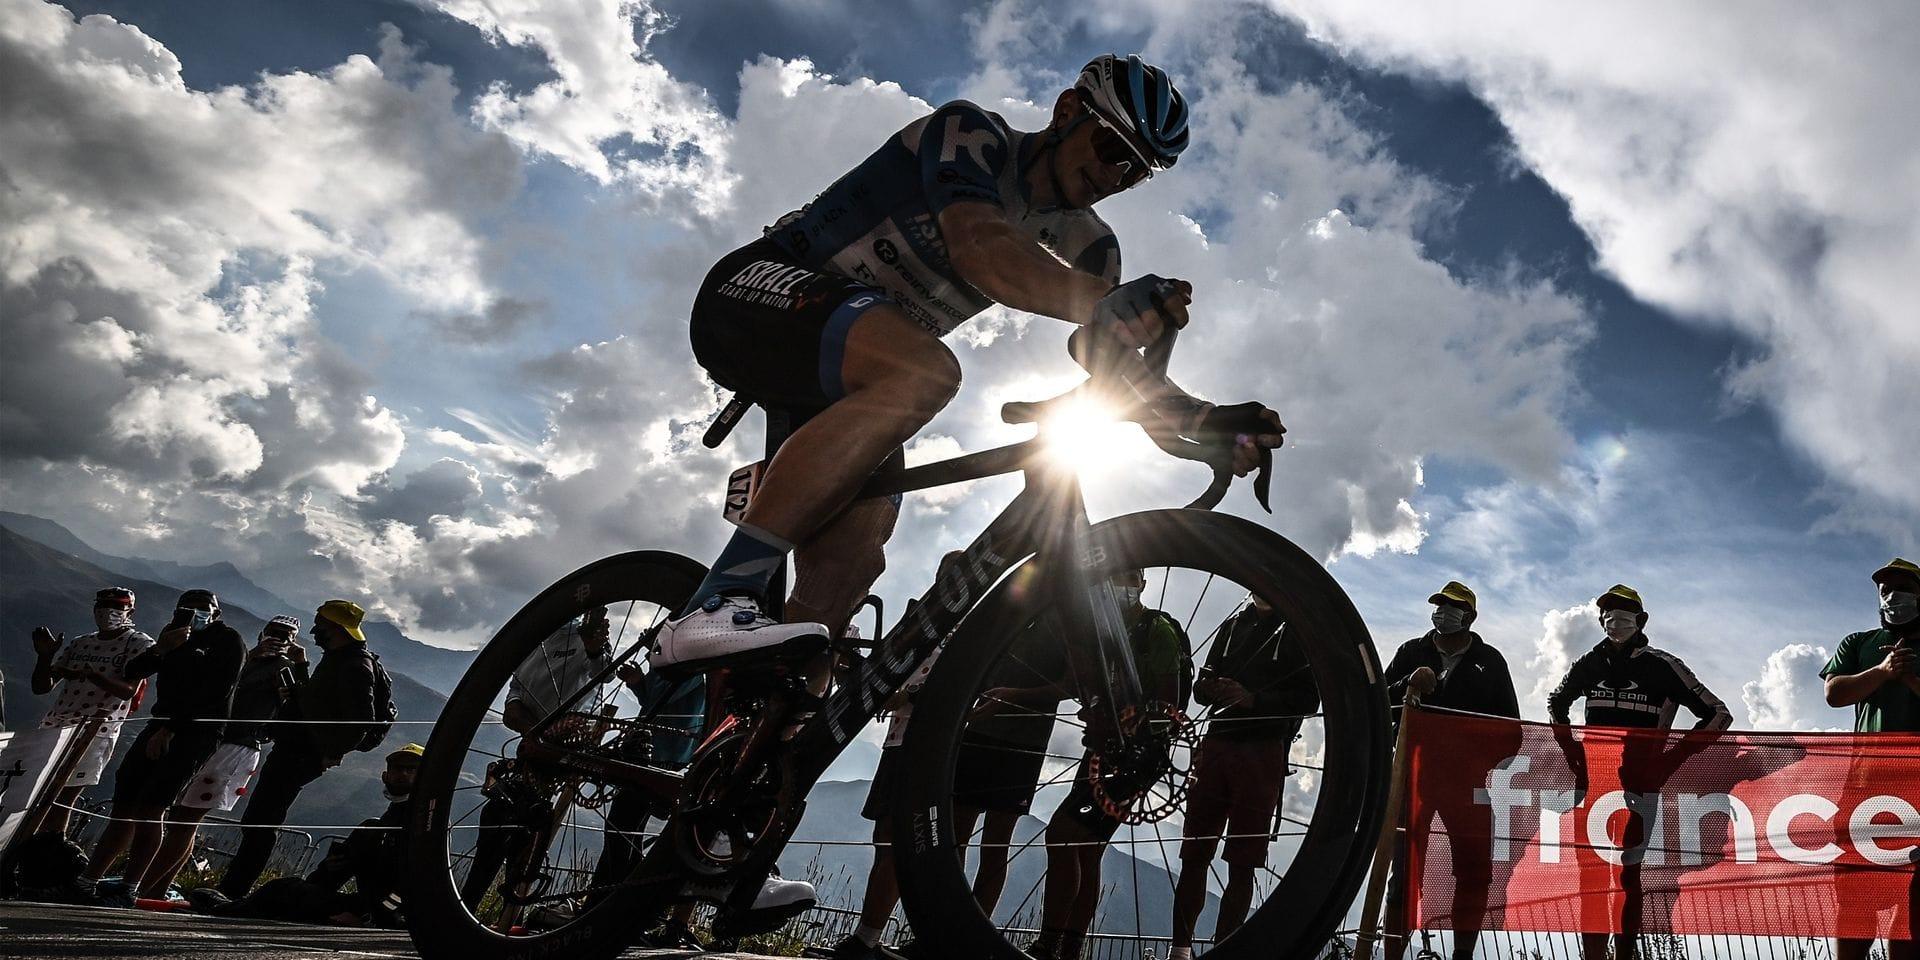 Tour de France: André Greipel abandonne dans la 18e étape